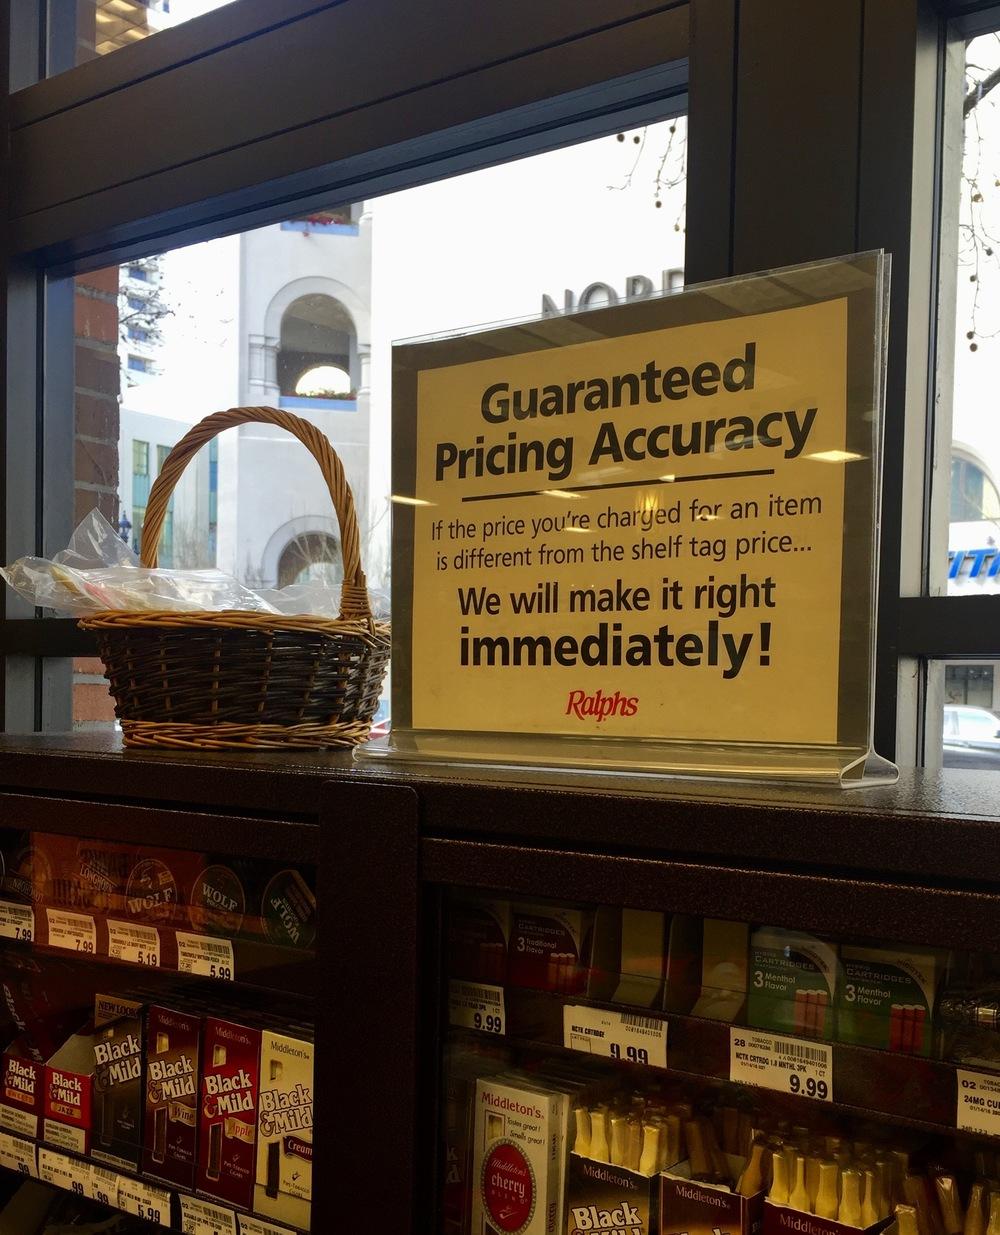 """Reetiqueteo. (""""Garantía de precios fijos. Si te cobran un precio diferente al que estaba en la góndola, lo corregiremos INMEDIATAMENTE"""") San Diego, CA, EEUU.Febrero 2016"""